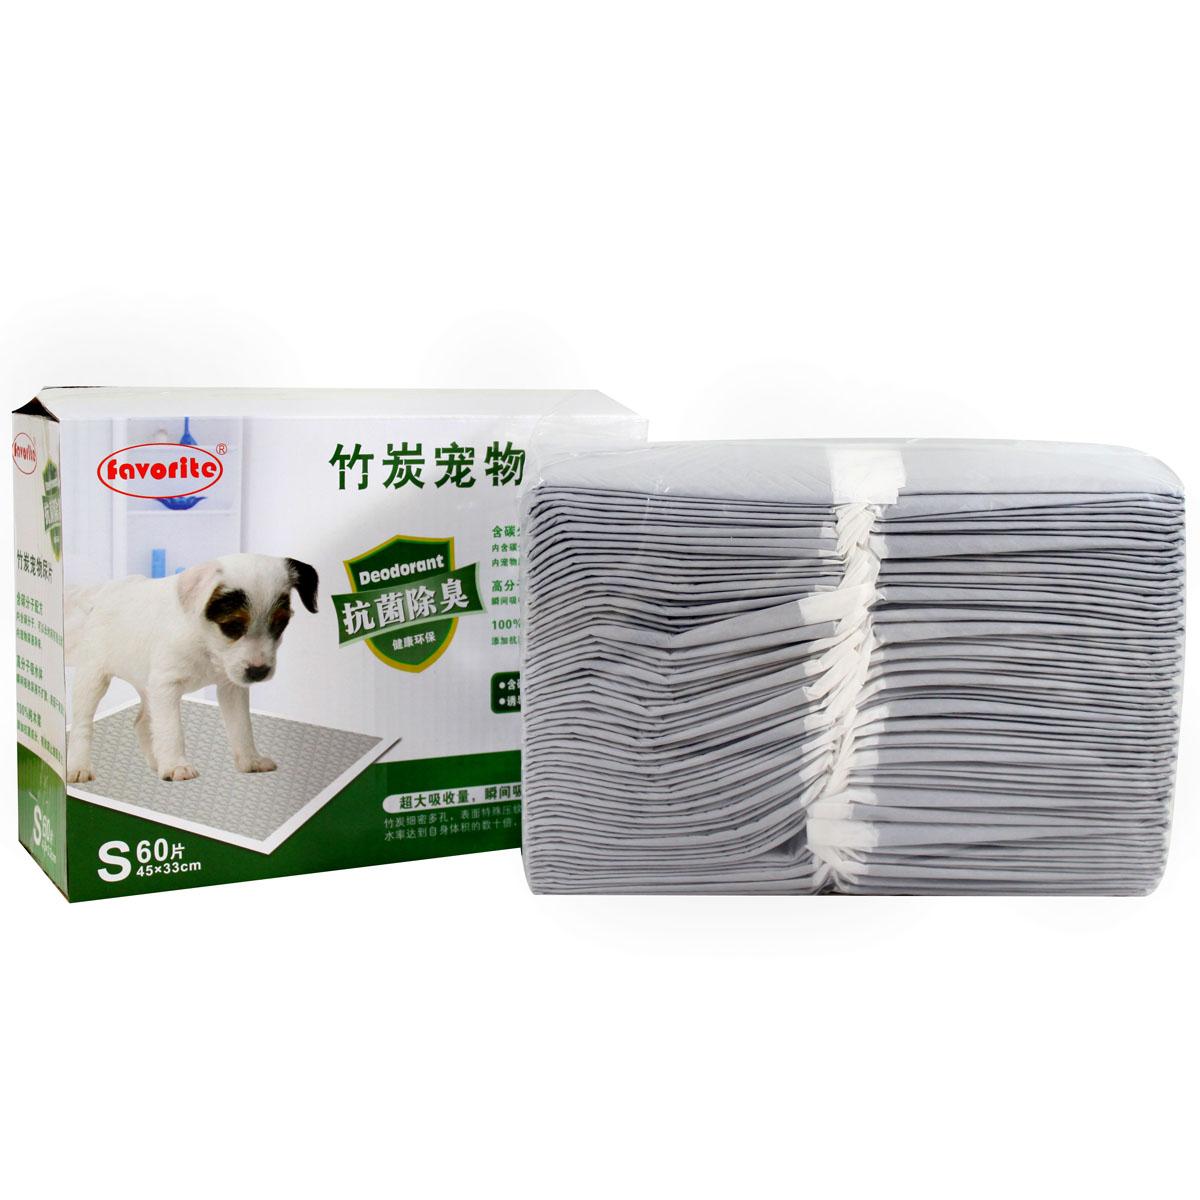 寵物用品中恒竹炭寵物尿片整包狗狗尿布狗尿墊尿片尿不濕24省包郵